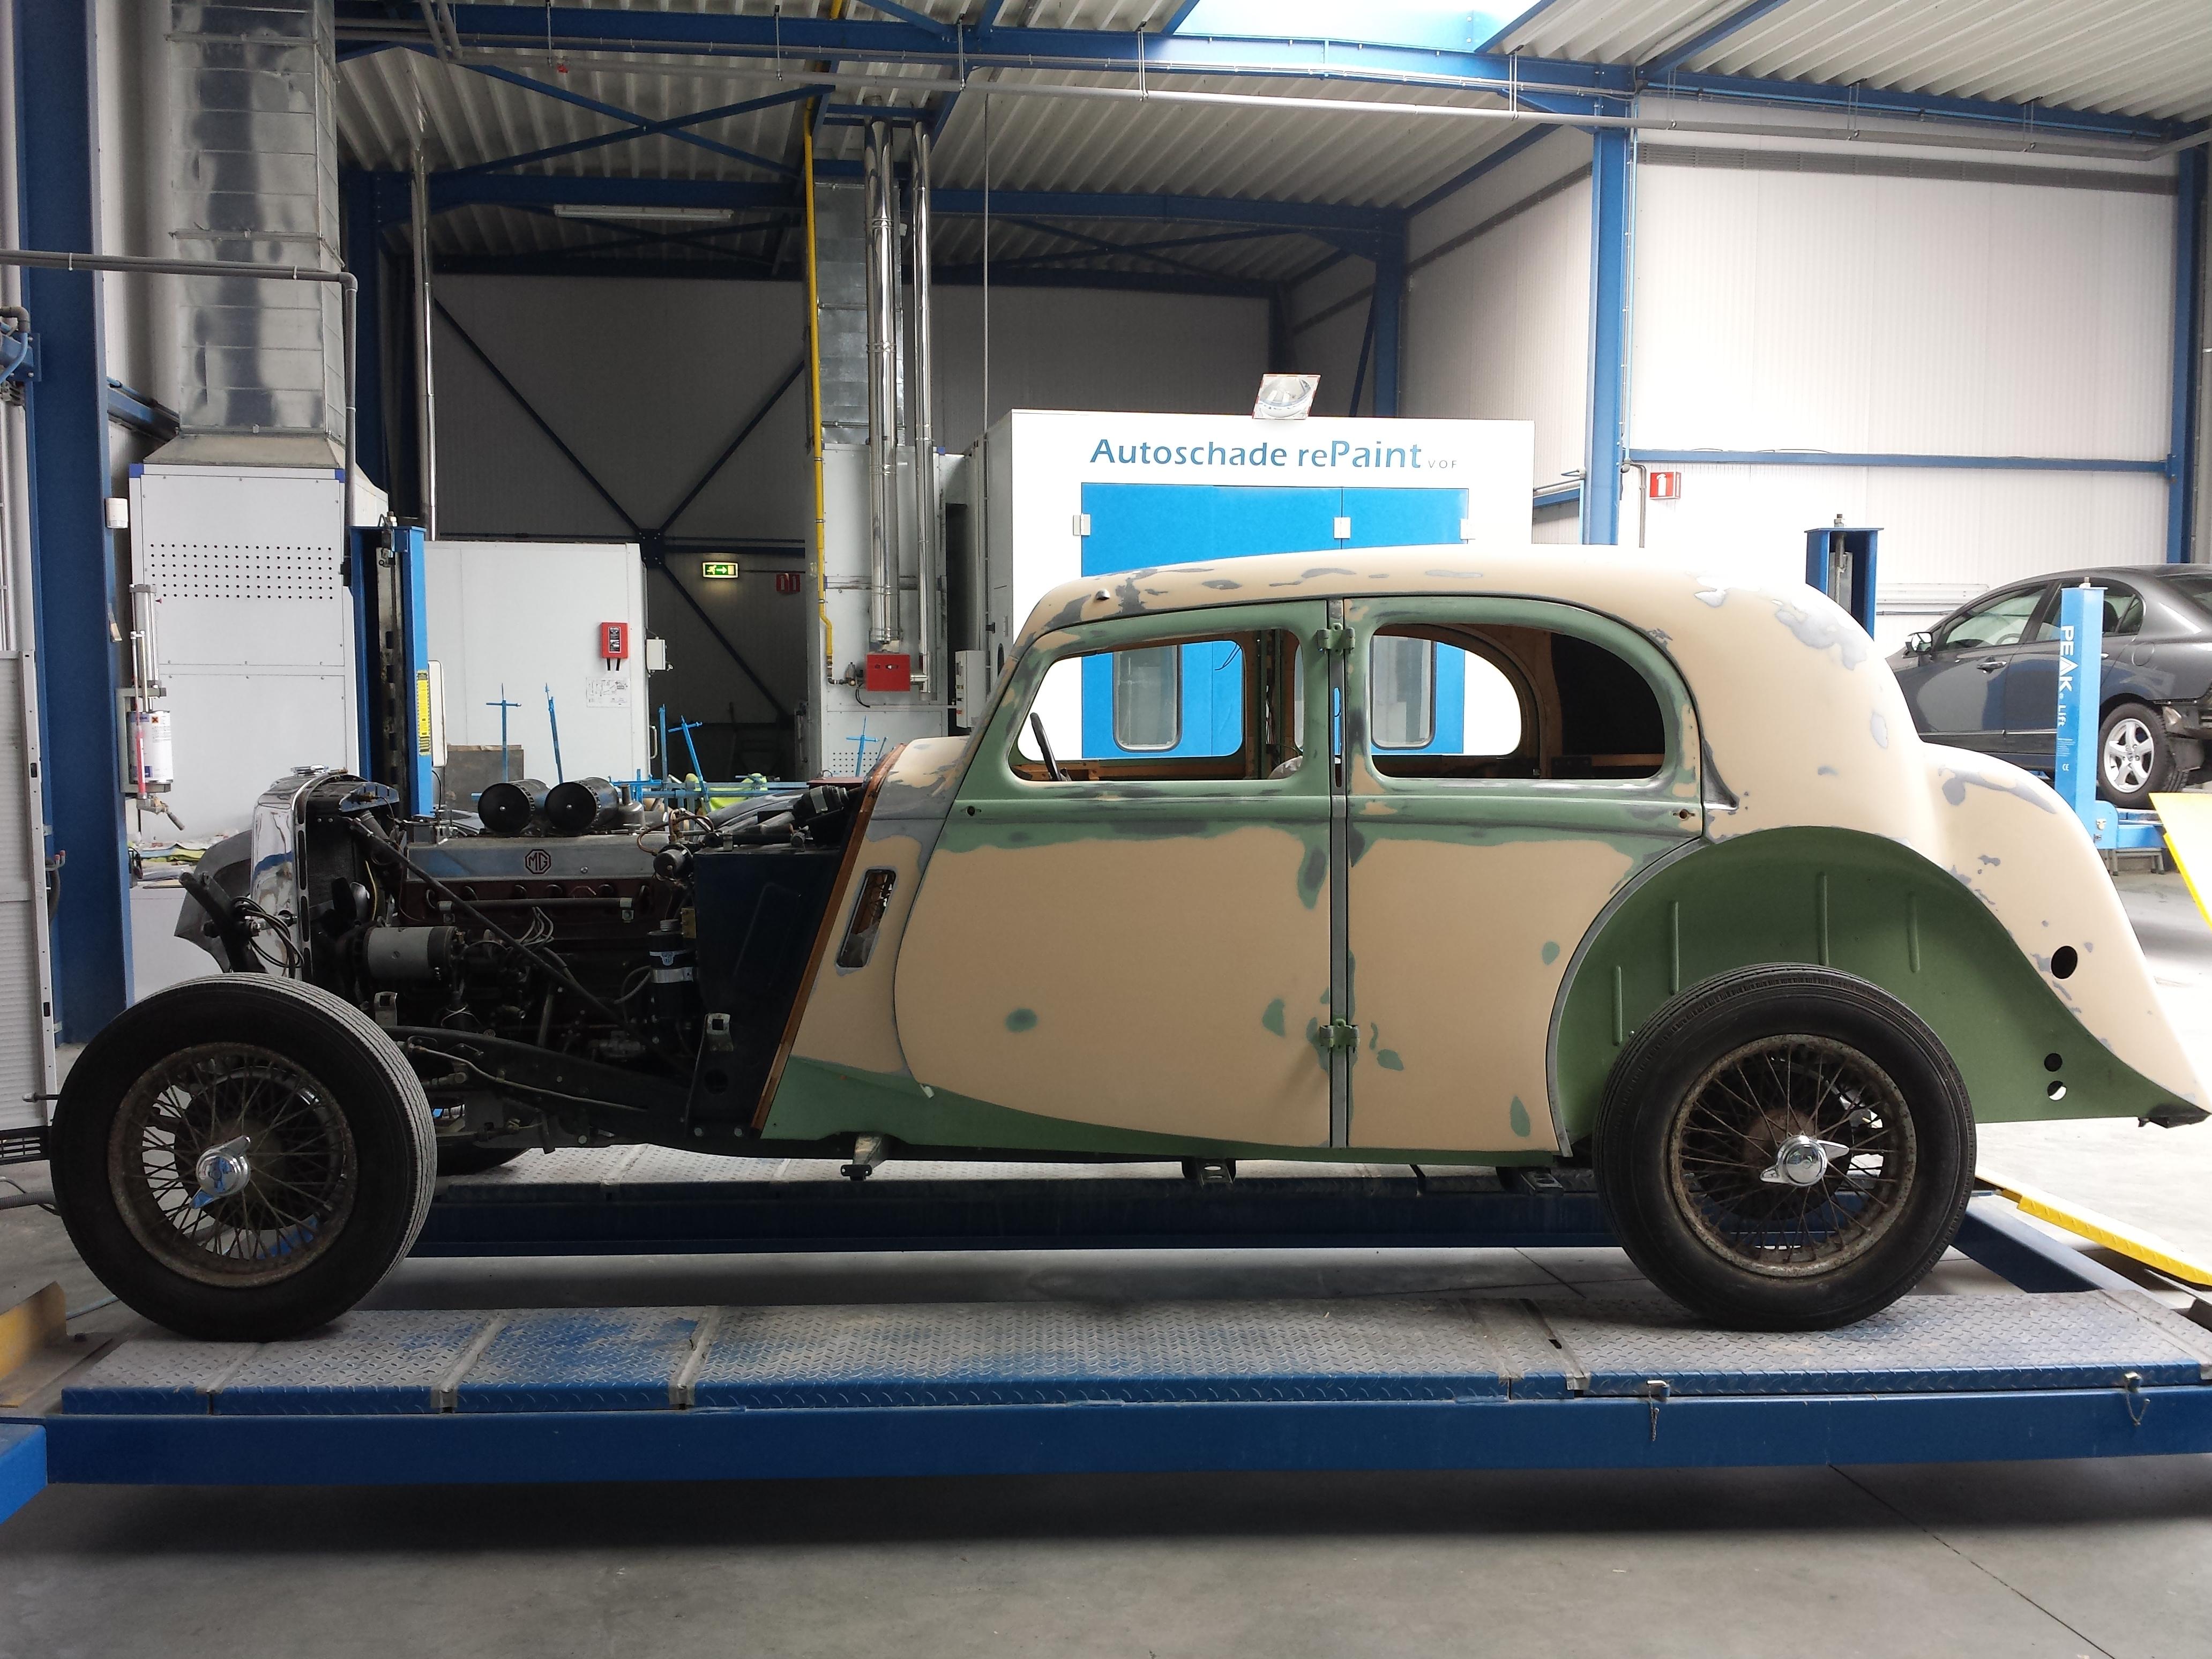 MG SA 127 bwj 1937